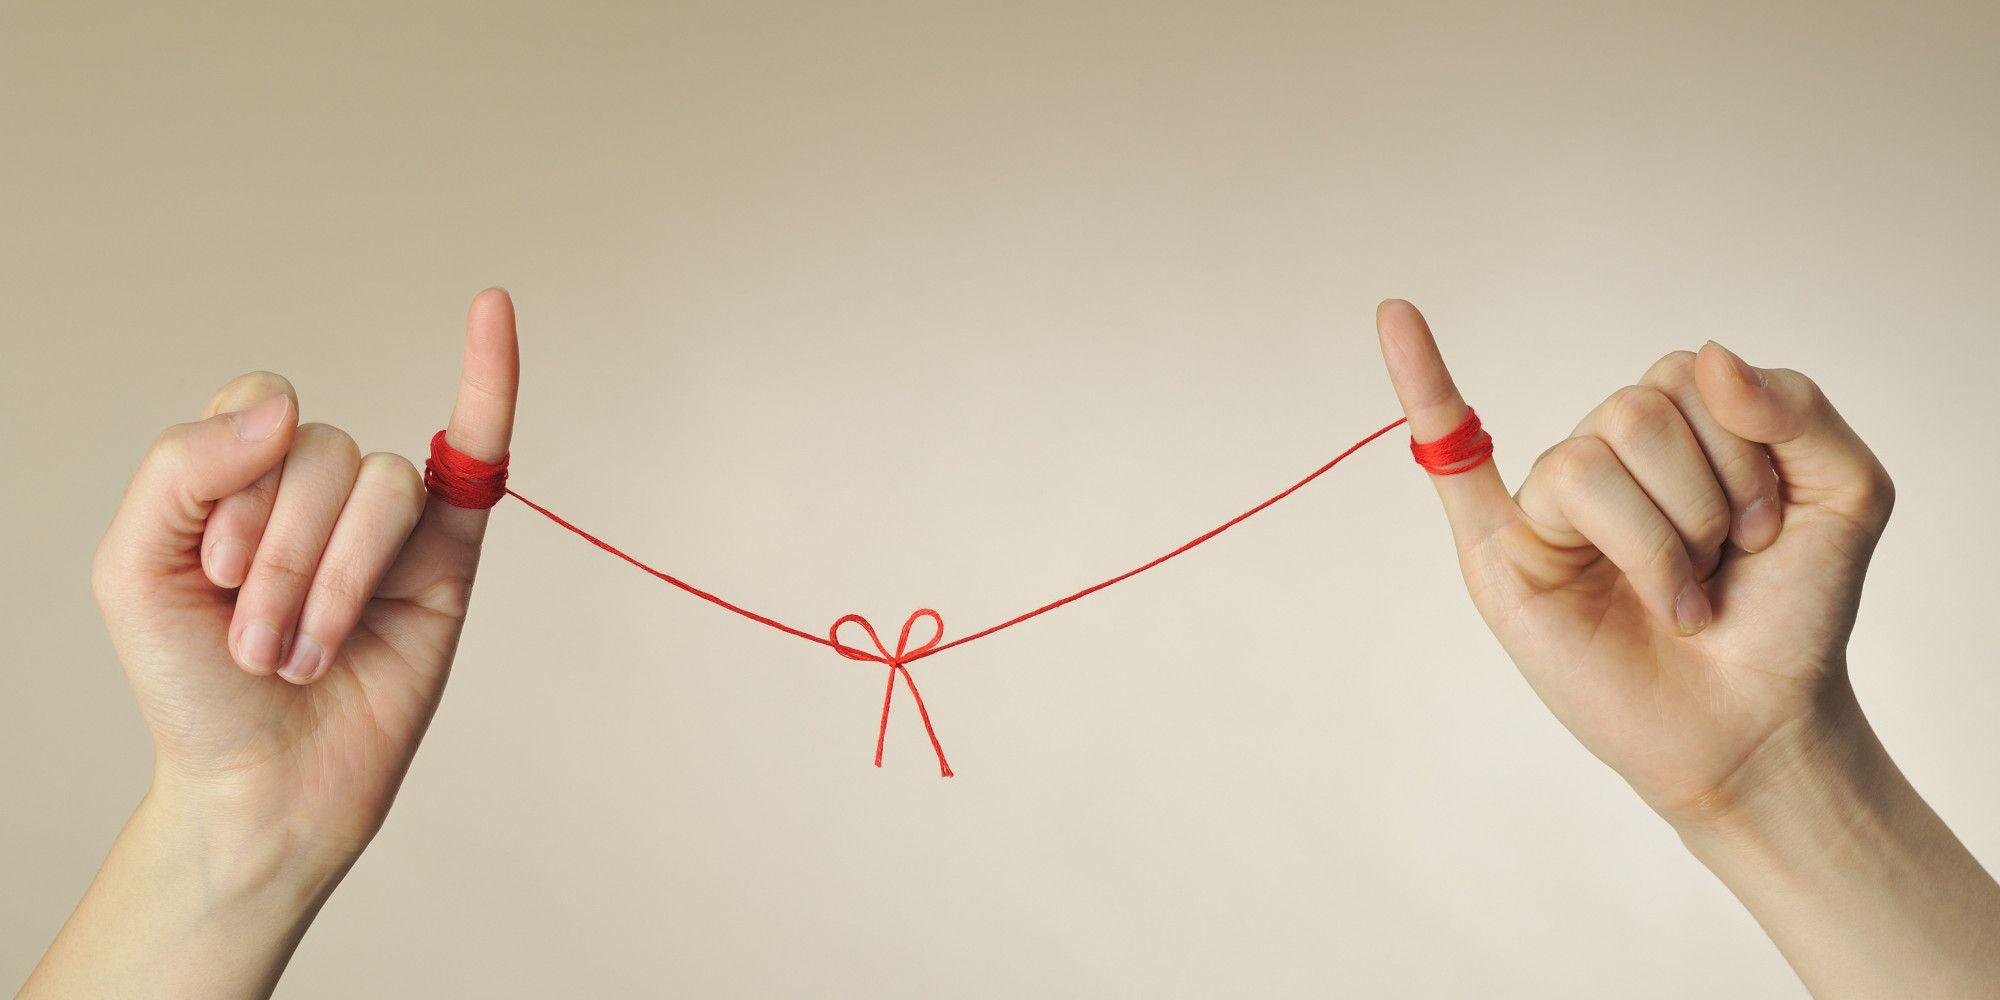 пальцы связаны красной нитью